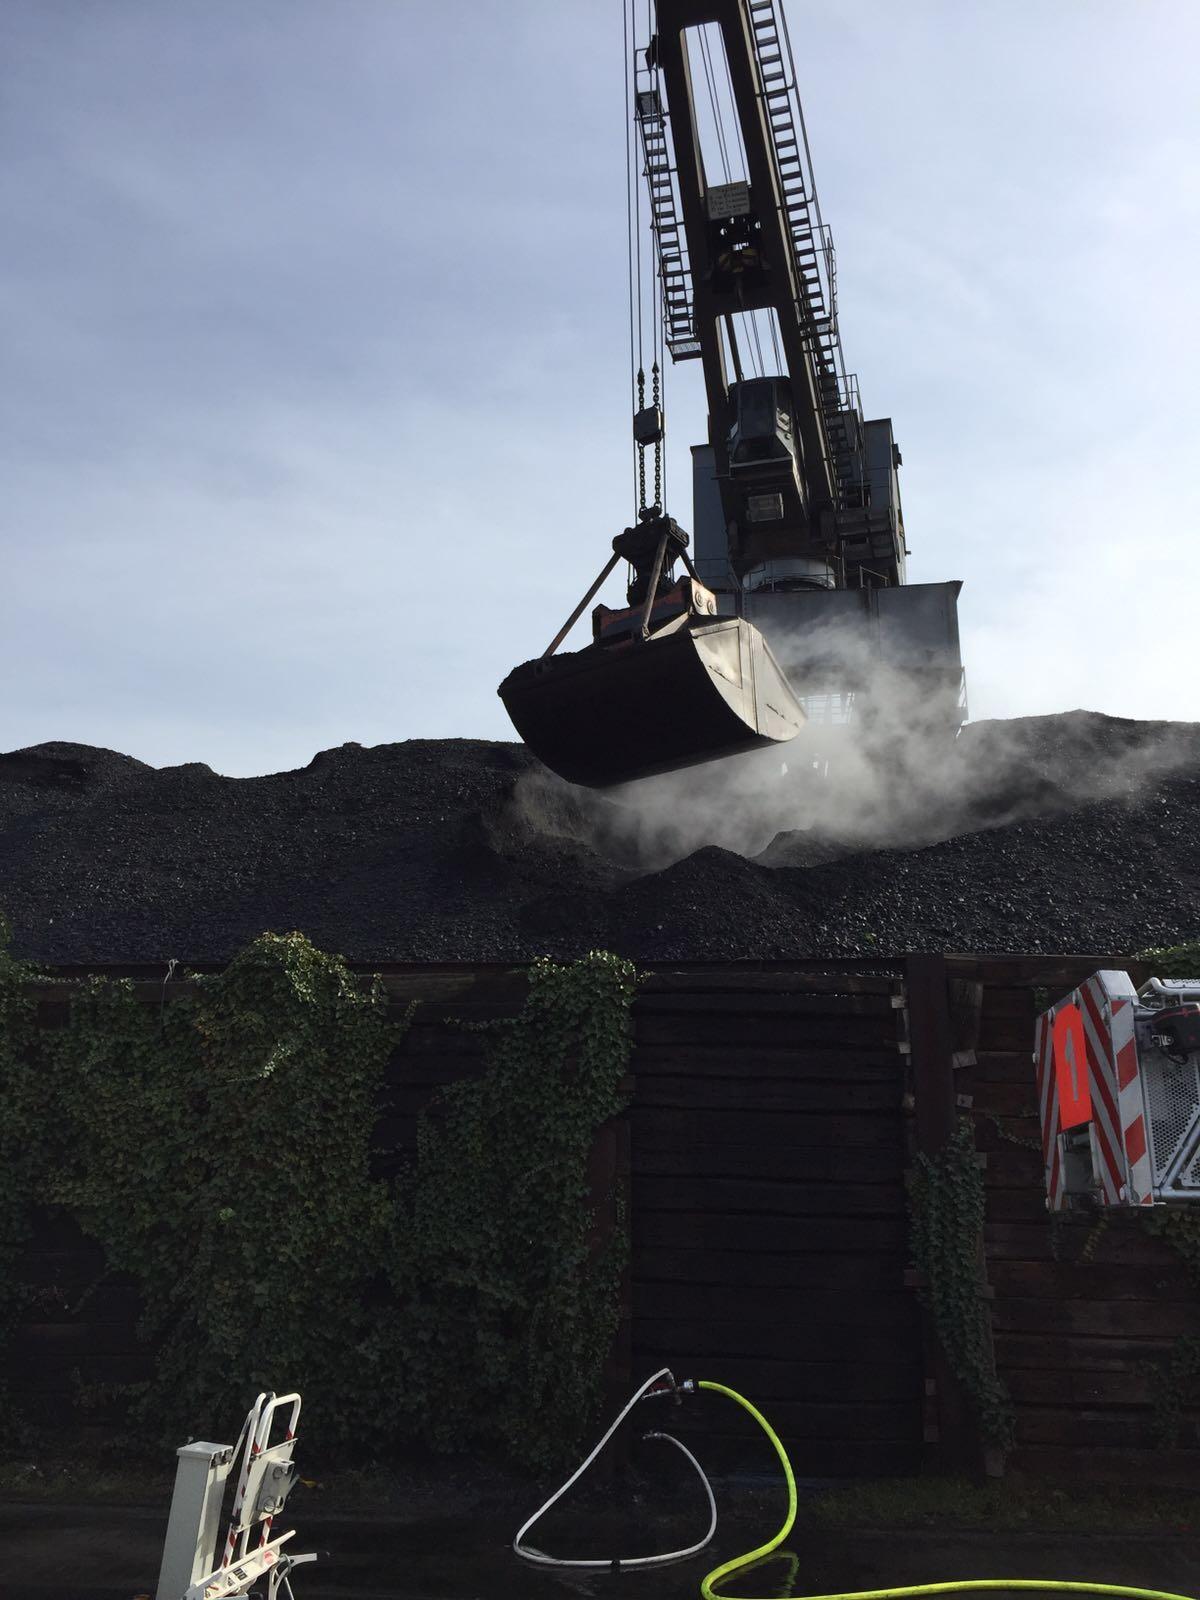 Info zu Löschlanzen: Mit den Löschlanzen besteht die Möglichkeit, Brände mit kleinsten Tropfen von Wasser gezielt in tiefliegende Brandherden zu bekämpfen. (Foto: OTS)